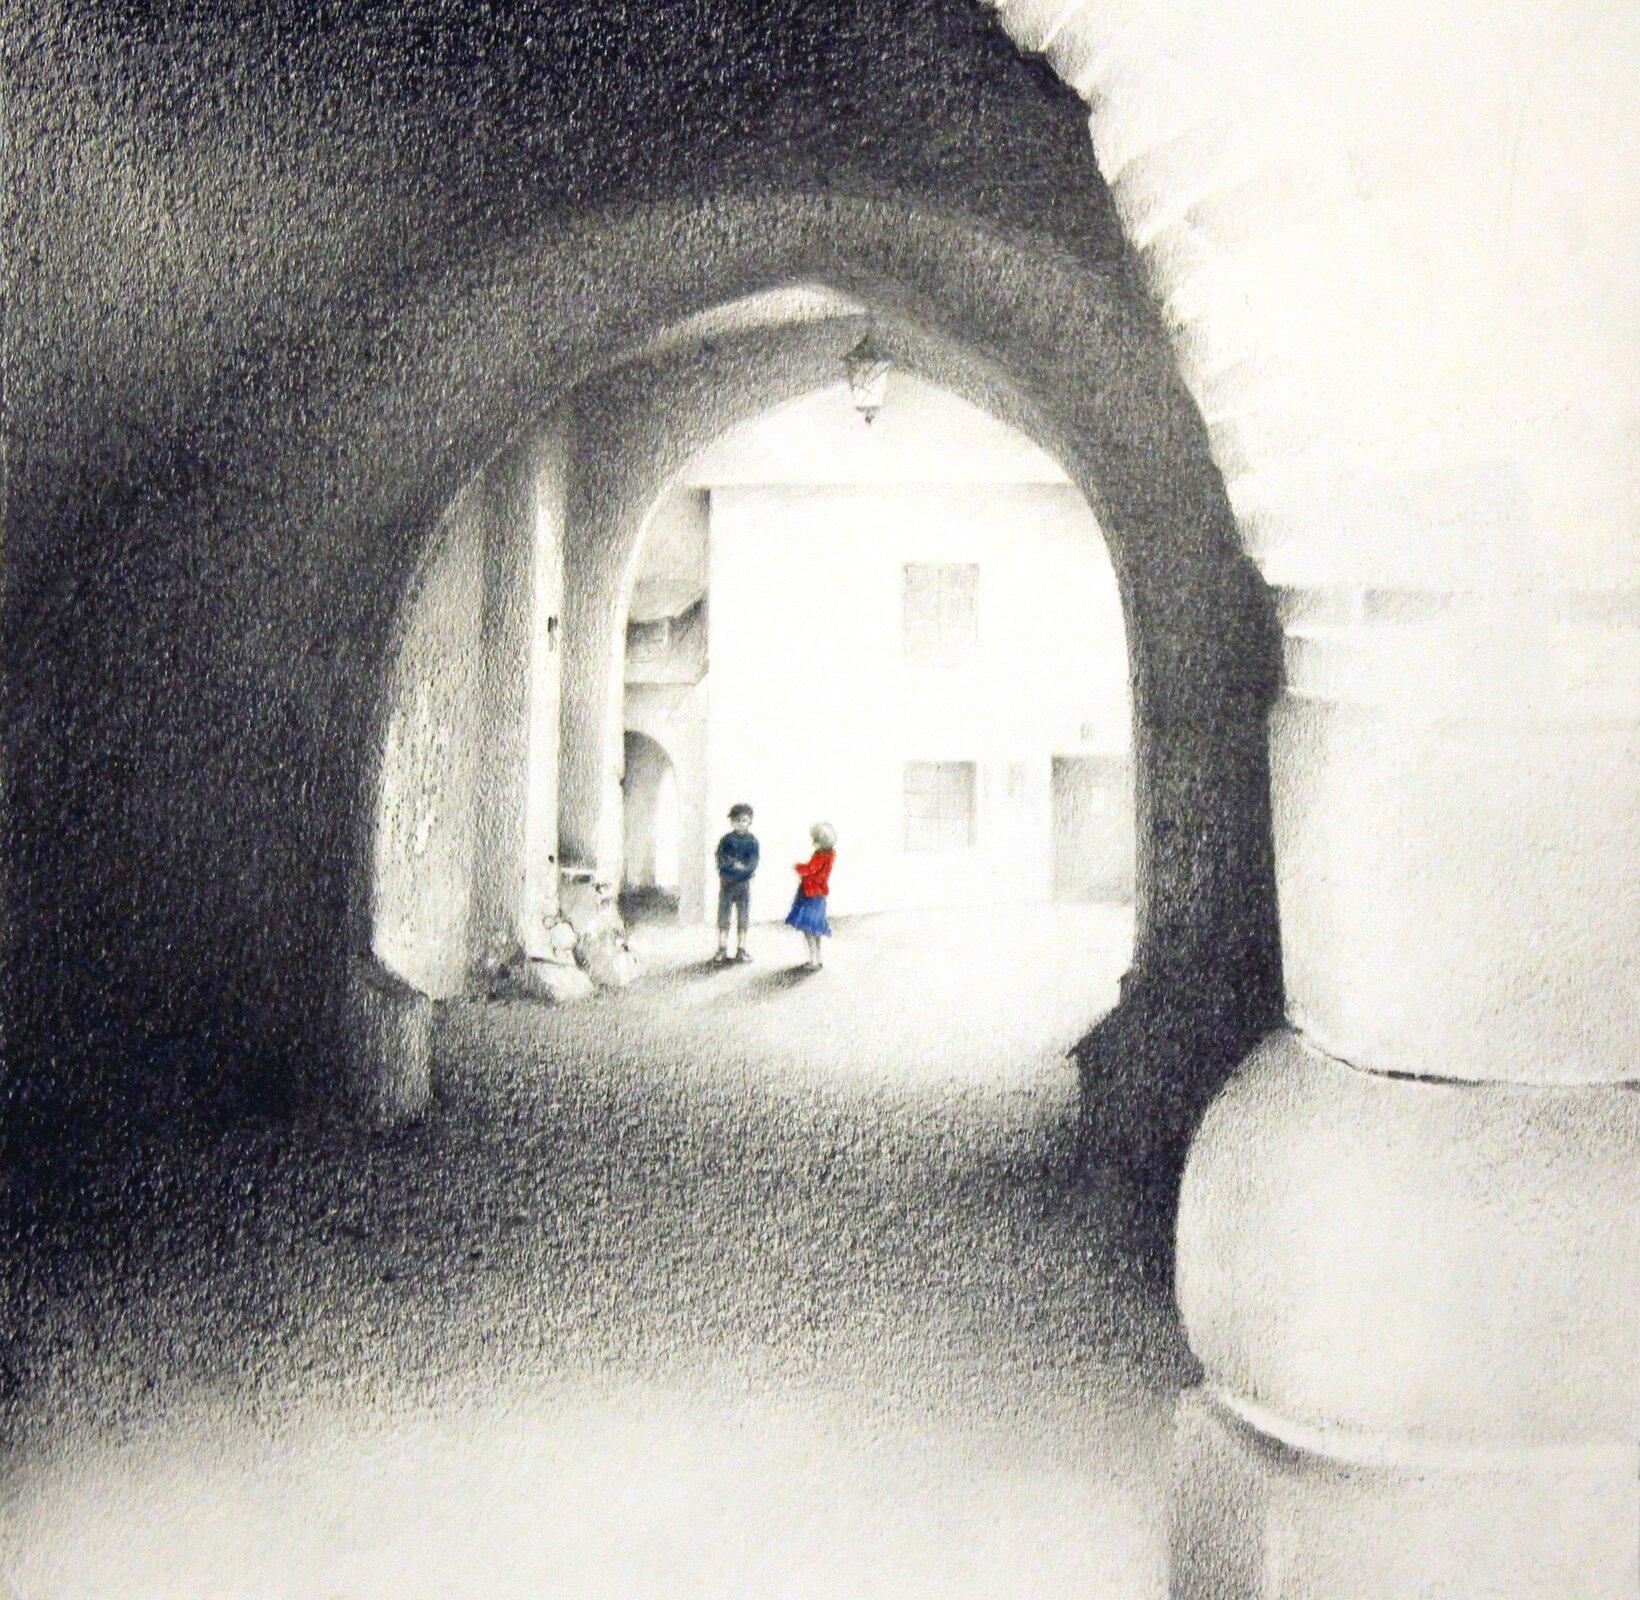 """Ilustracja przedstawia rysunek """"Nidzica II"""" autorstwa Weroniki Tadaj-Królikiewicz. Po prawej stronie pierwszego planu znajduje się jasna plama kolumny, dalej ukazany jest fragment tonących wmroku podcieni złukowatym sklepieniem. Wgłębi została narysowana skąpana wświetle słońca kamienica, przed którą stoi para dzieci. Ciemne sylwetki wyraźnie rysują się na tle białej ściany. Czerwony sweterek iniebieska spódniczka stanowią wyraźny akcent kolorystyczny wutrzymanym wszarościach, ołówkowym, delikatnym rysunku."""